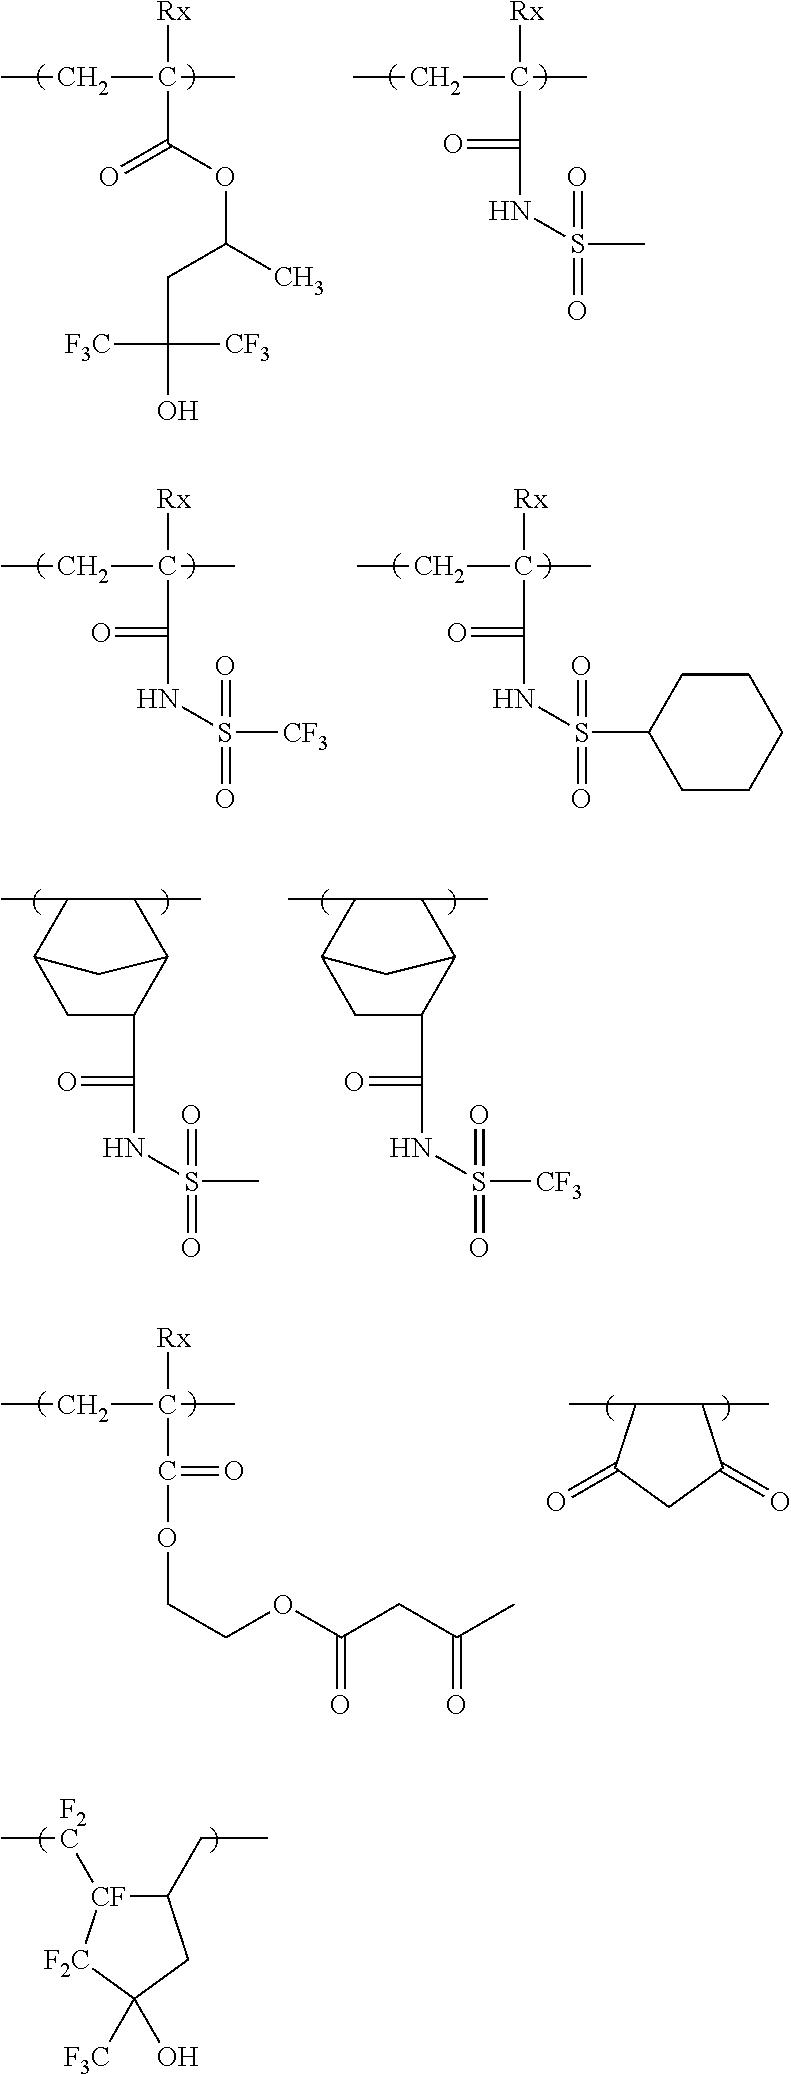 Figure US20110183258A1-20110728-C00110